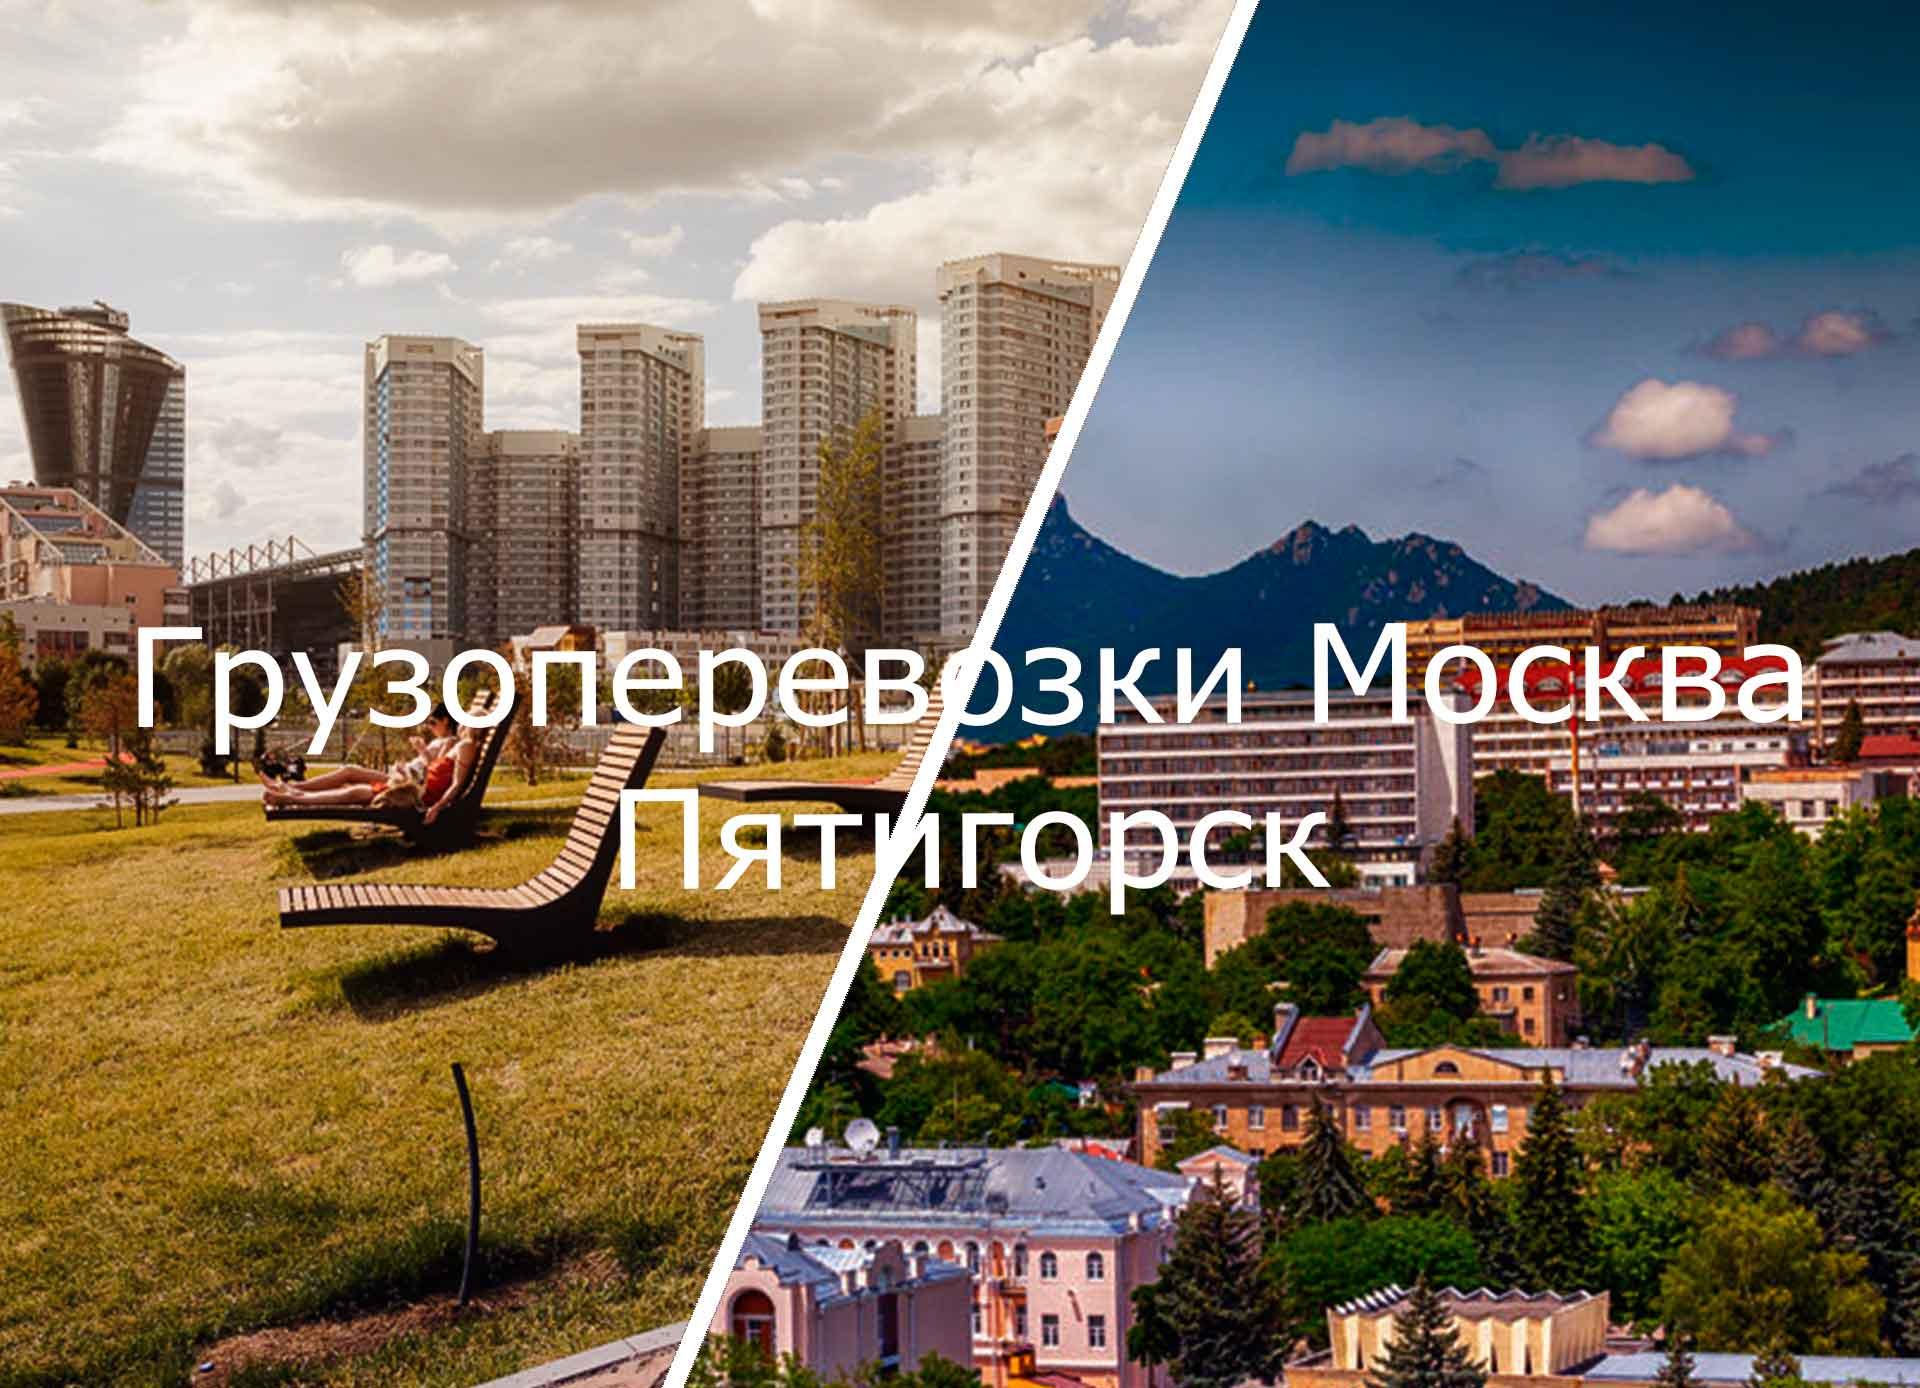 грузоперевозки москва пятигорск